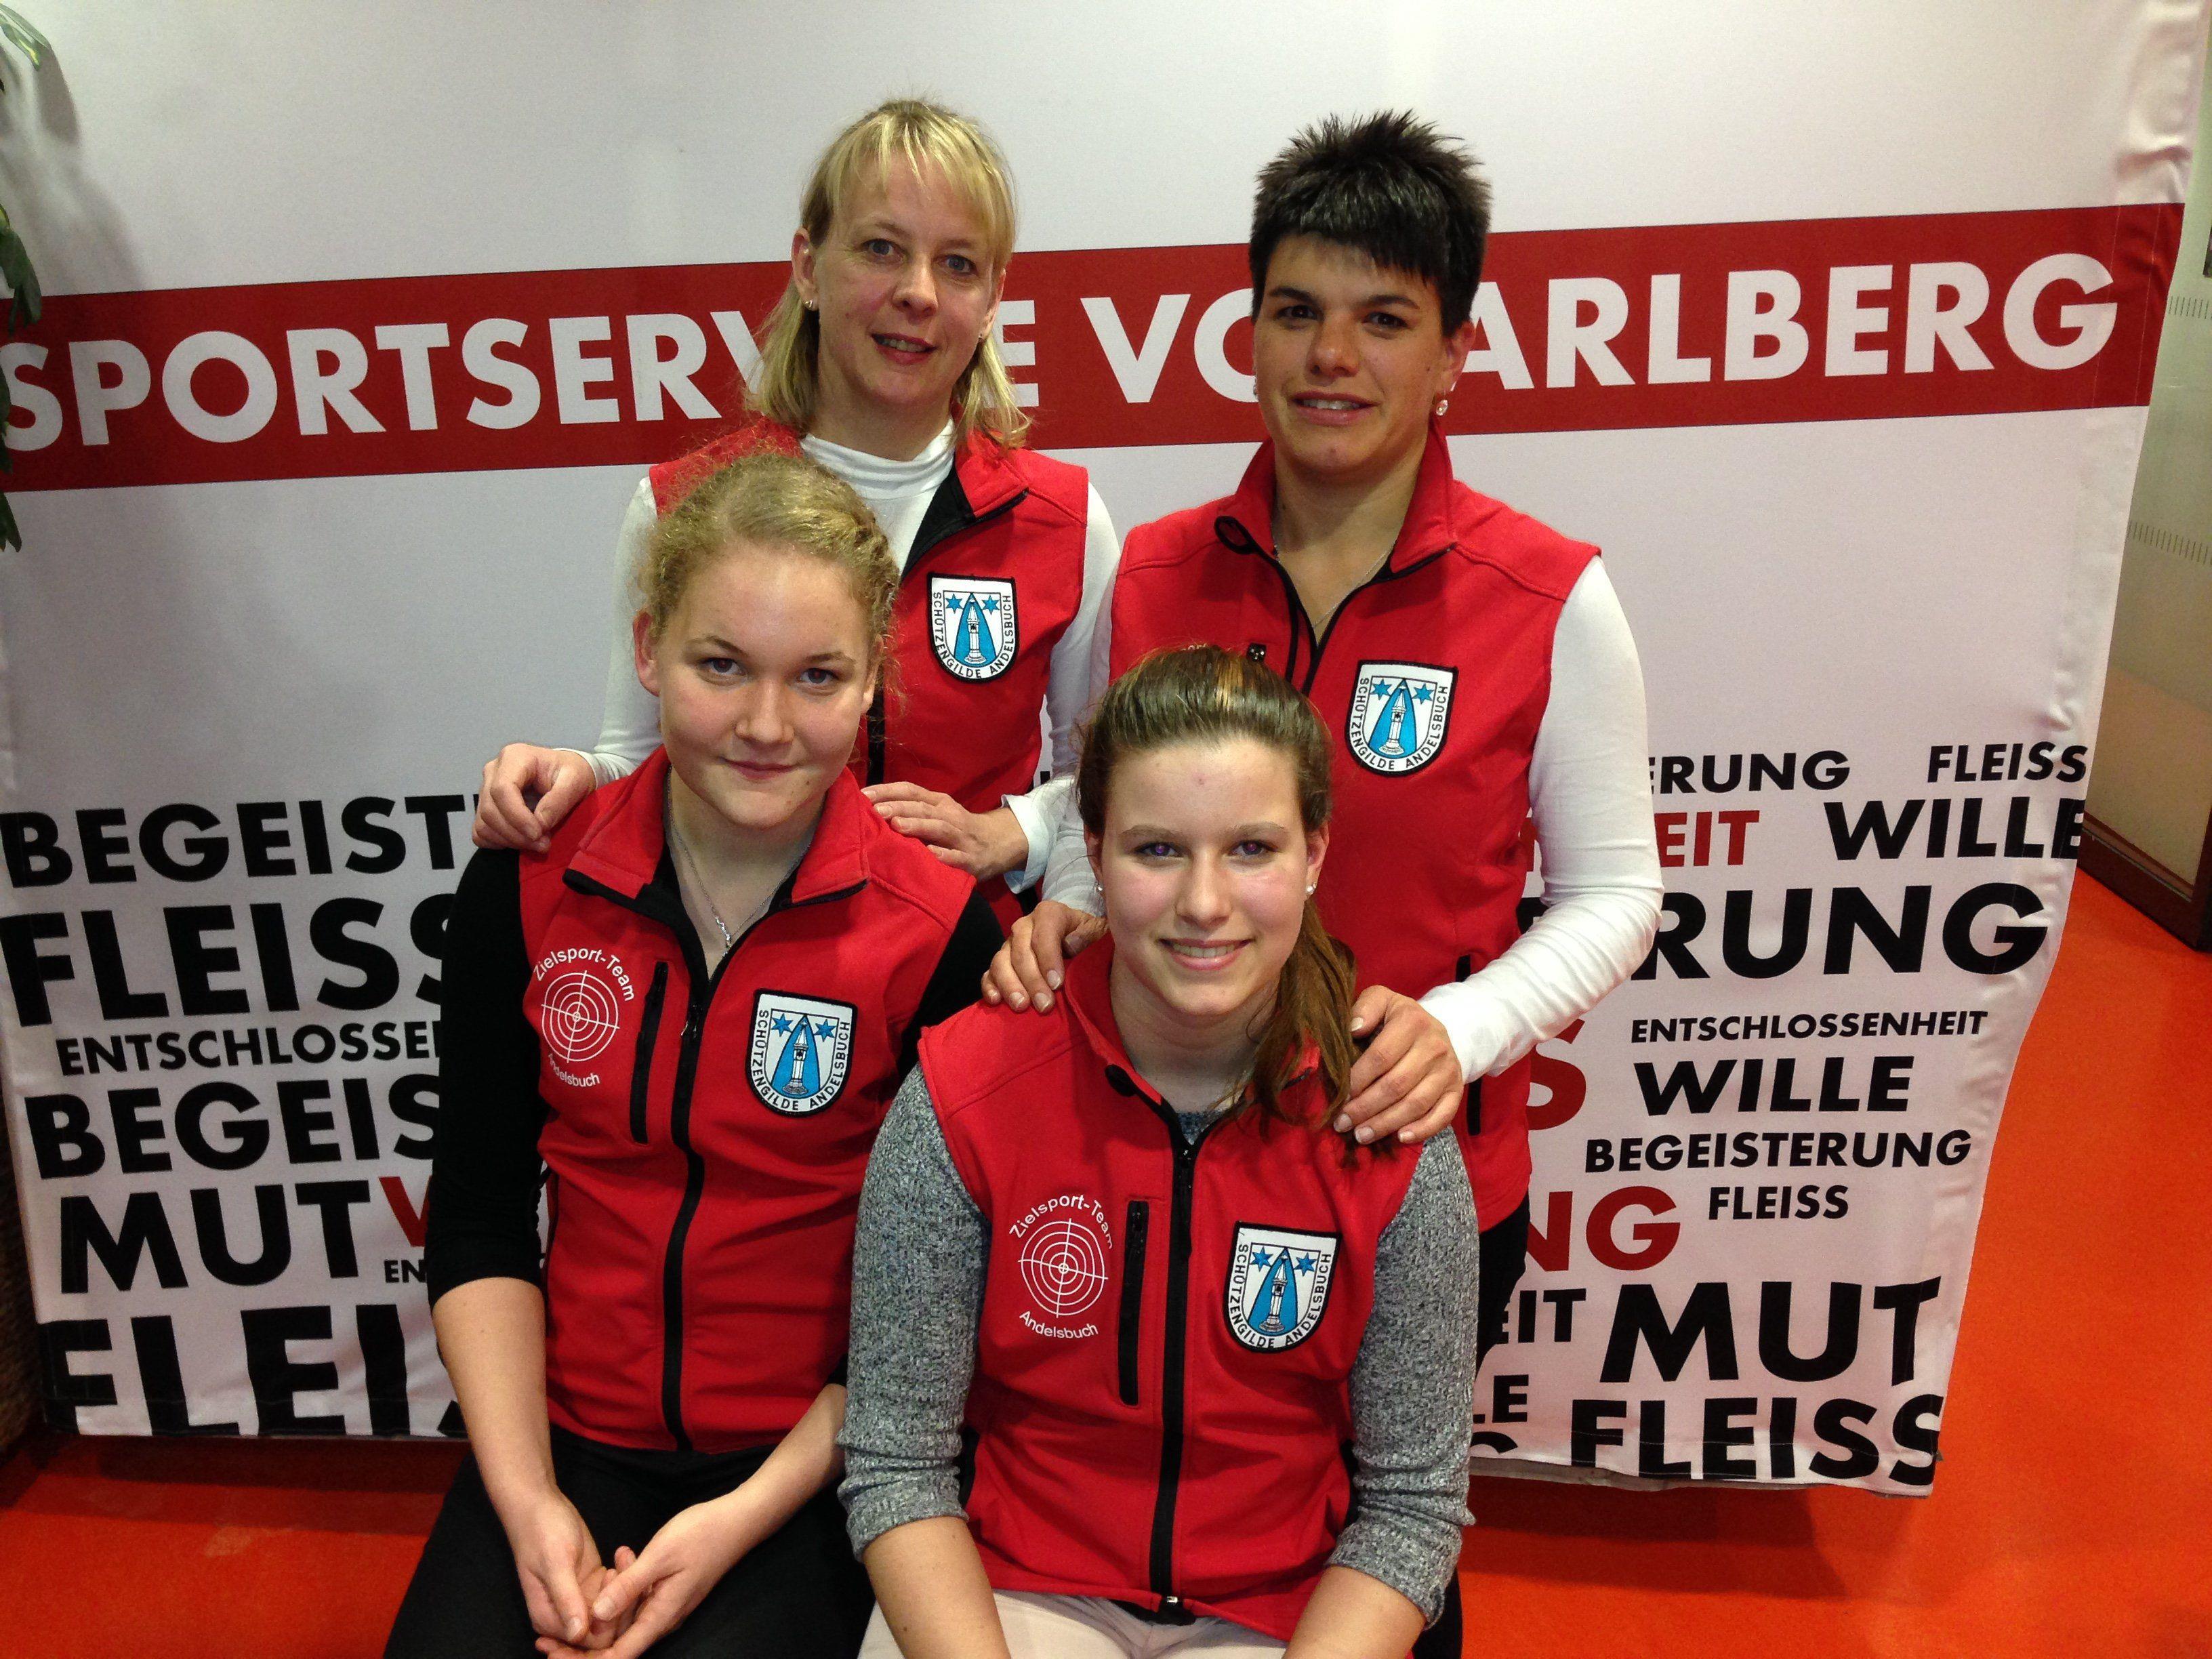 Bild vorne Bianca Egender links, Julia Oberholzer rechts; hinten links Waltraud Metzler, rechts Katja Rüscher